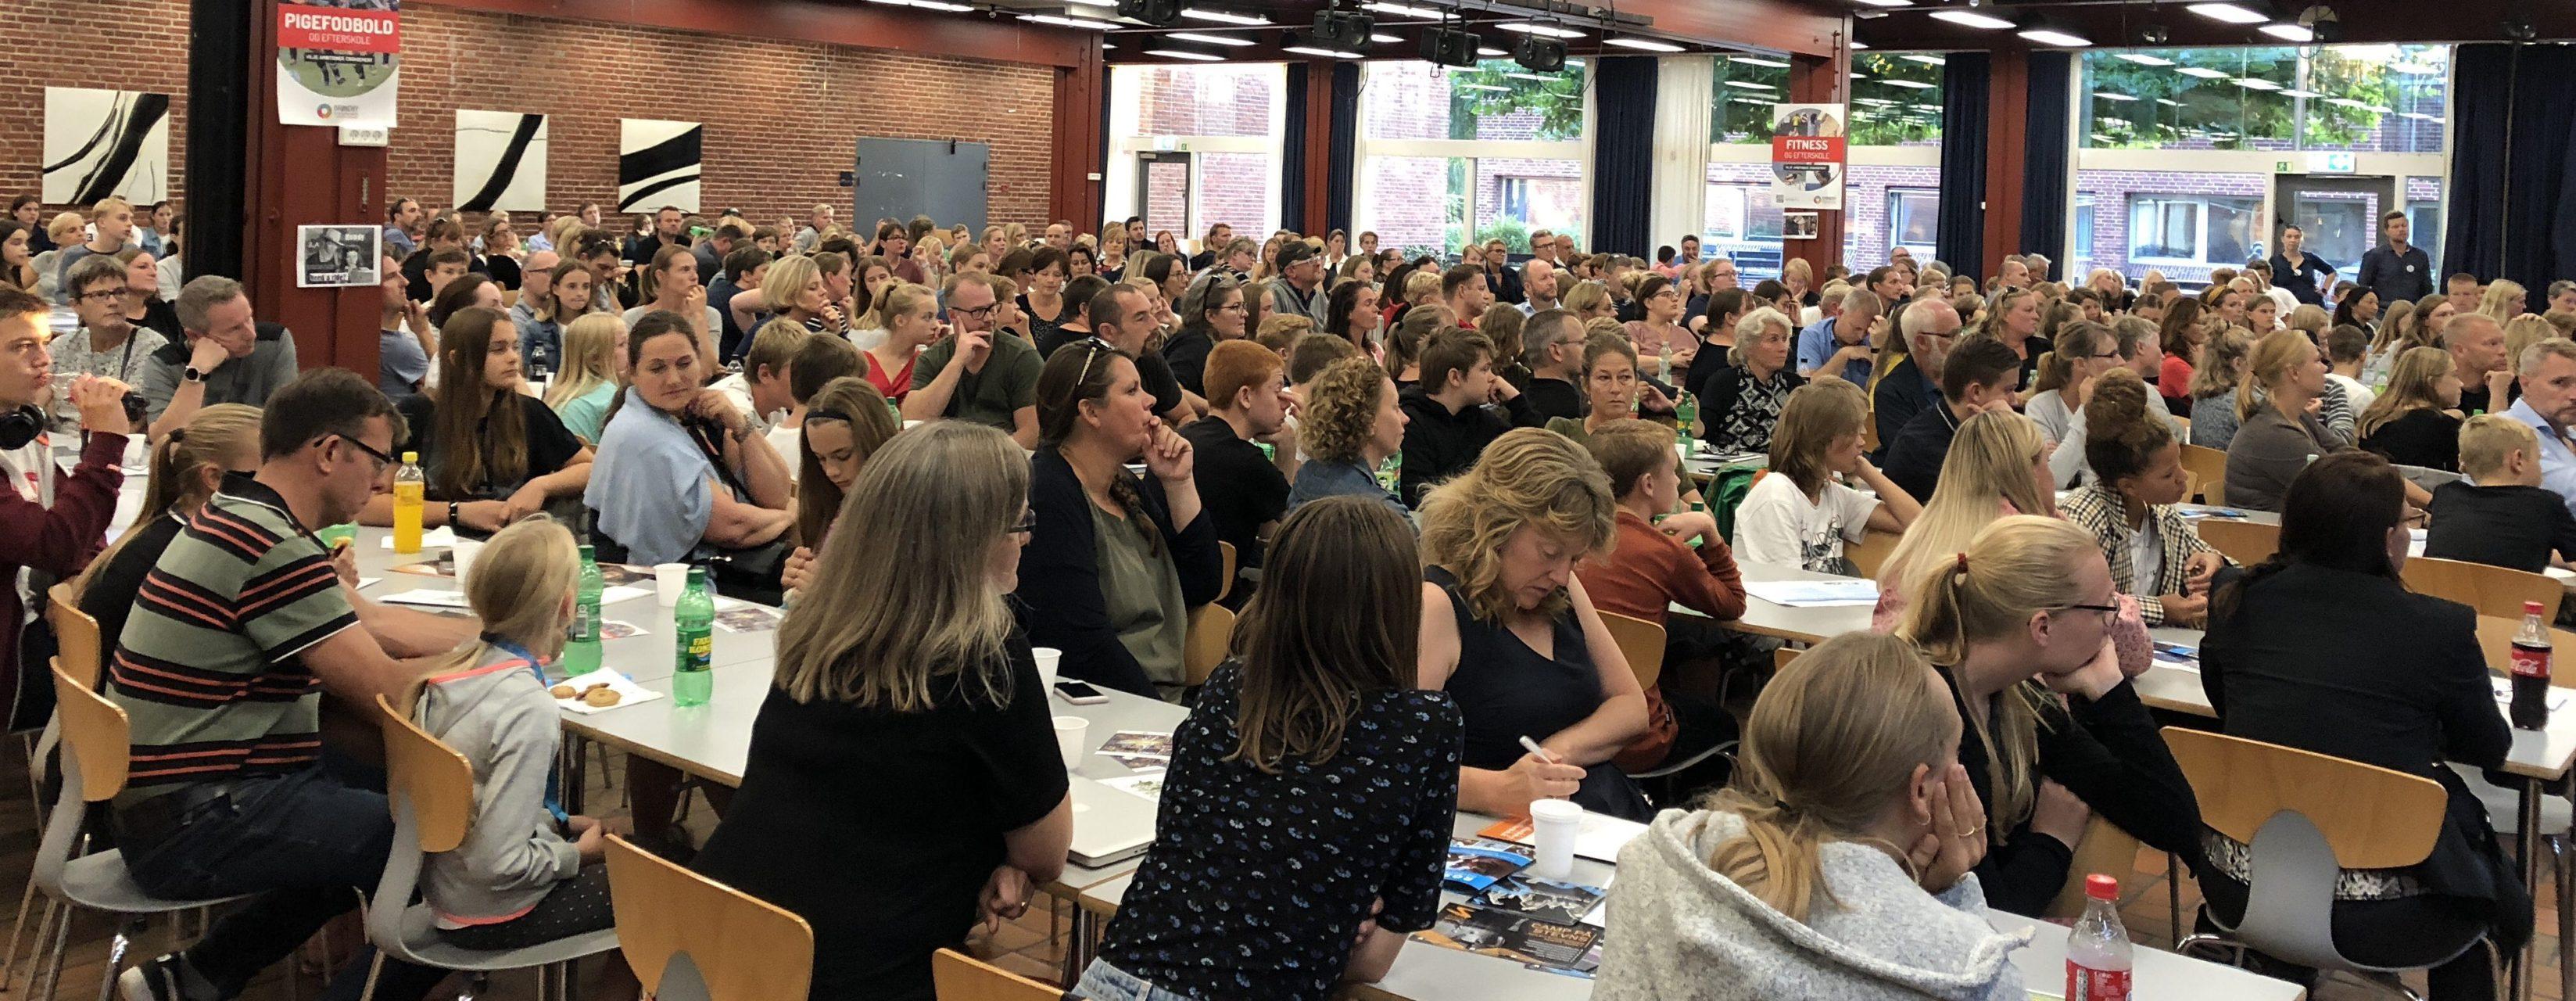 Fuldt hus på Solrød gymnasium tirsdag aften, hvor UUV havde indbudt til info-møde om efterskolevalget